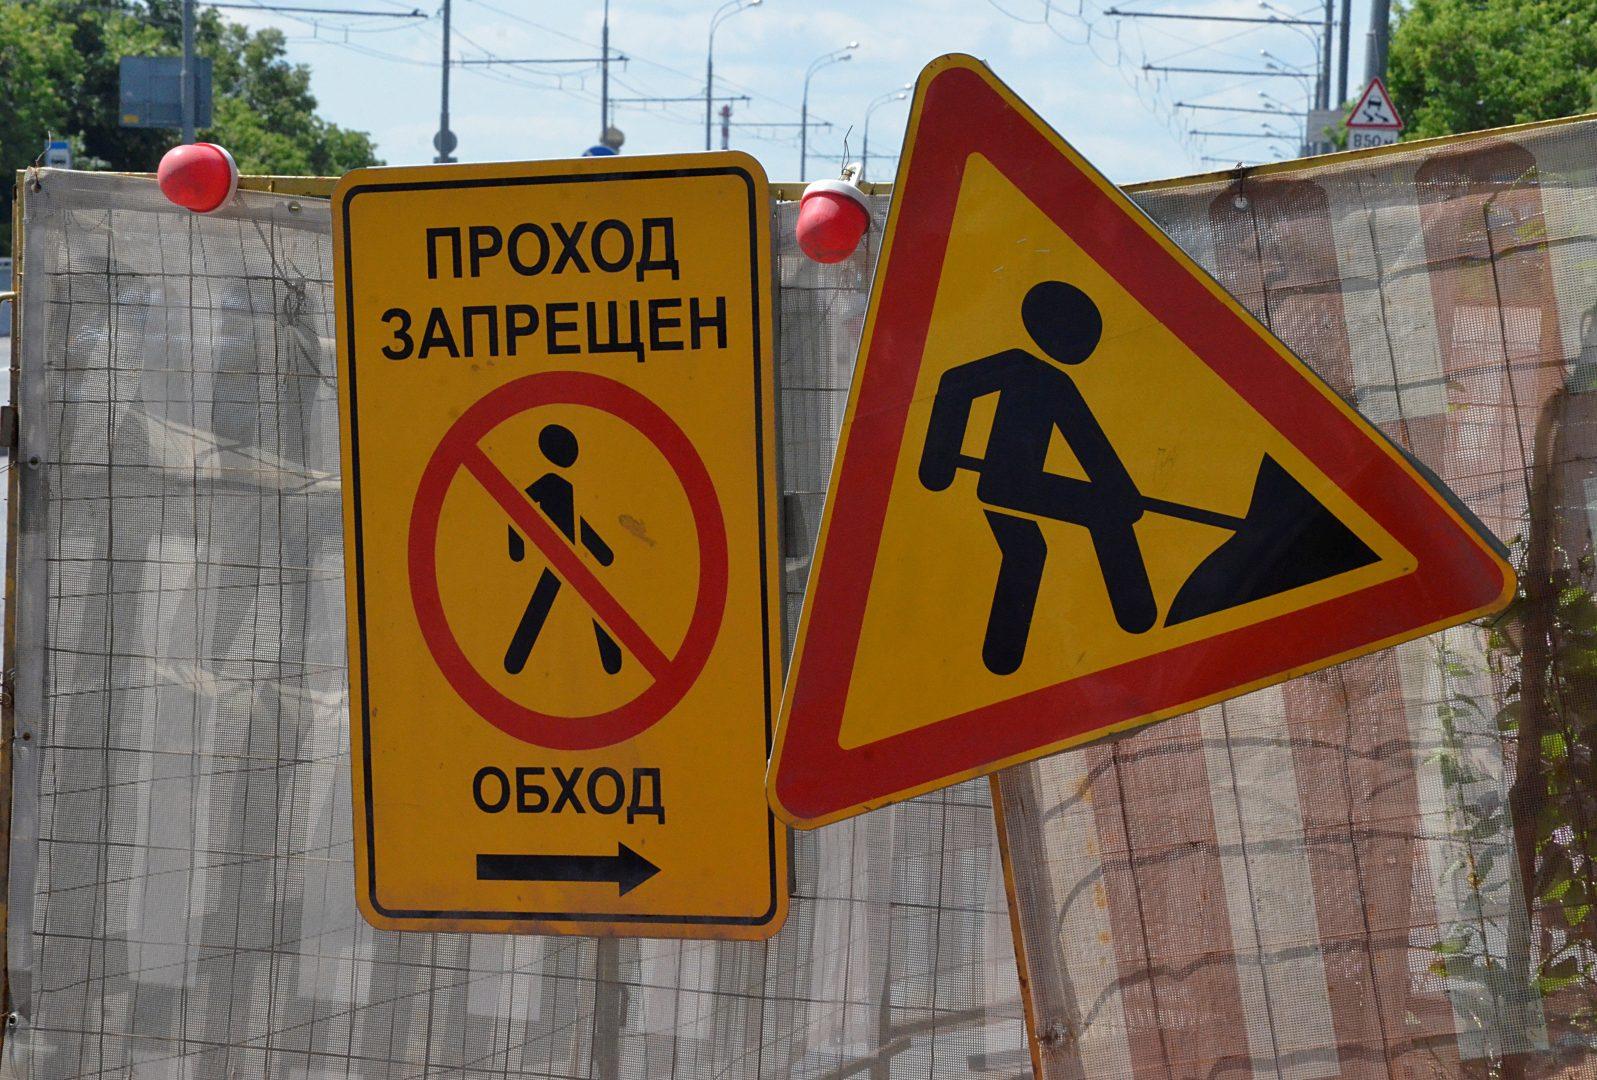 Дорогу отремонтируют на Озерной. Фото: Анна Быкова